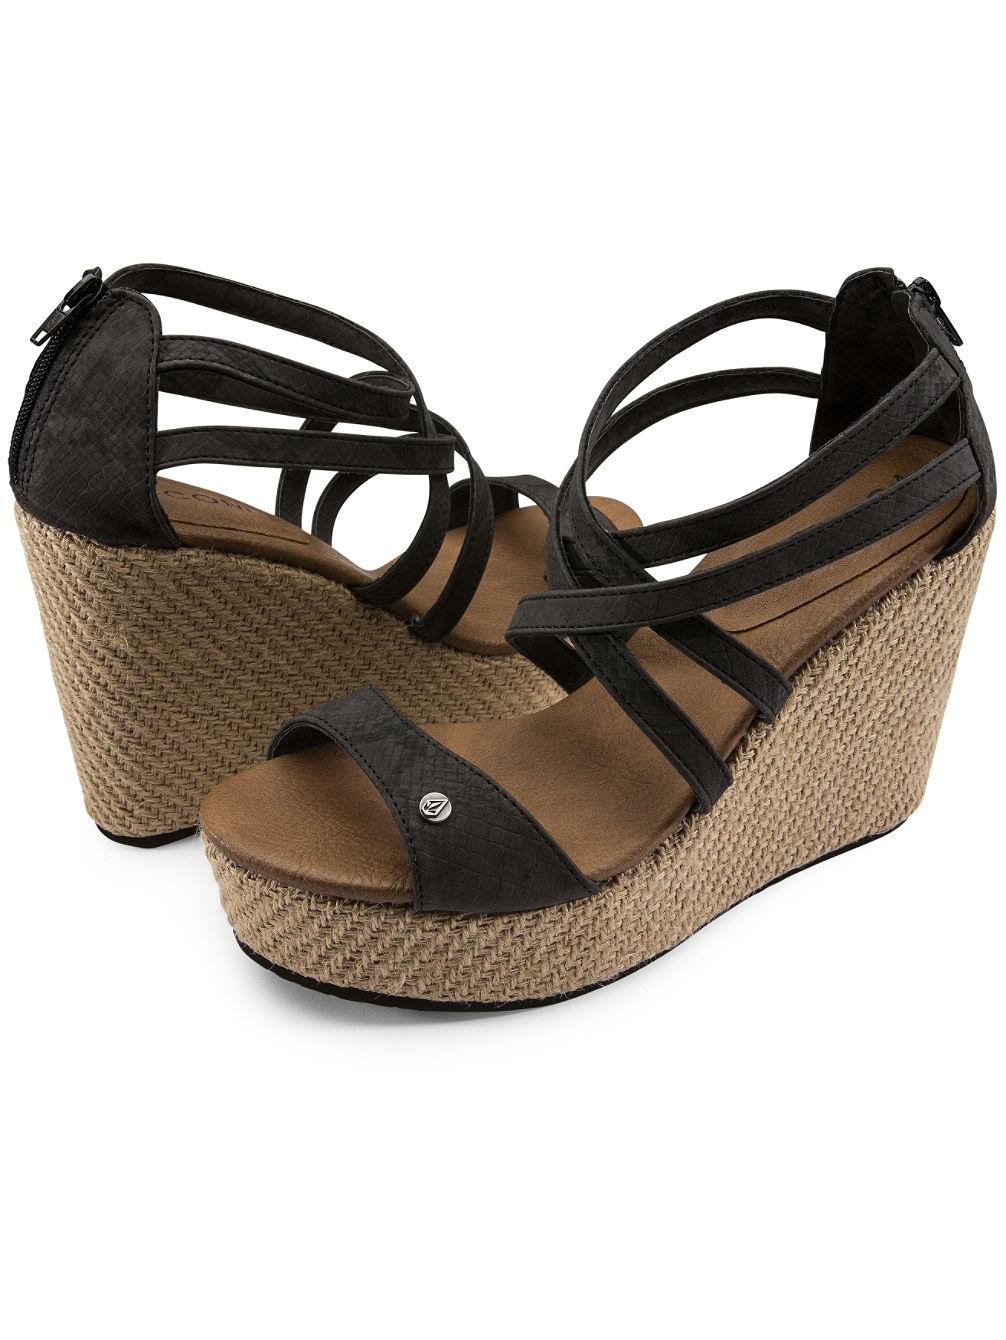 Getting Around Sandals Women€ 79,95Anbieter  blue-tomato.comVersand   kostenlos 9ae7af6a89